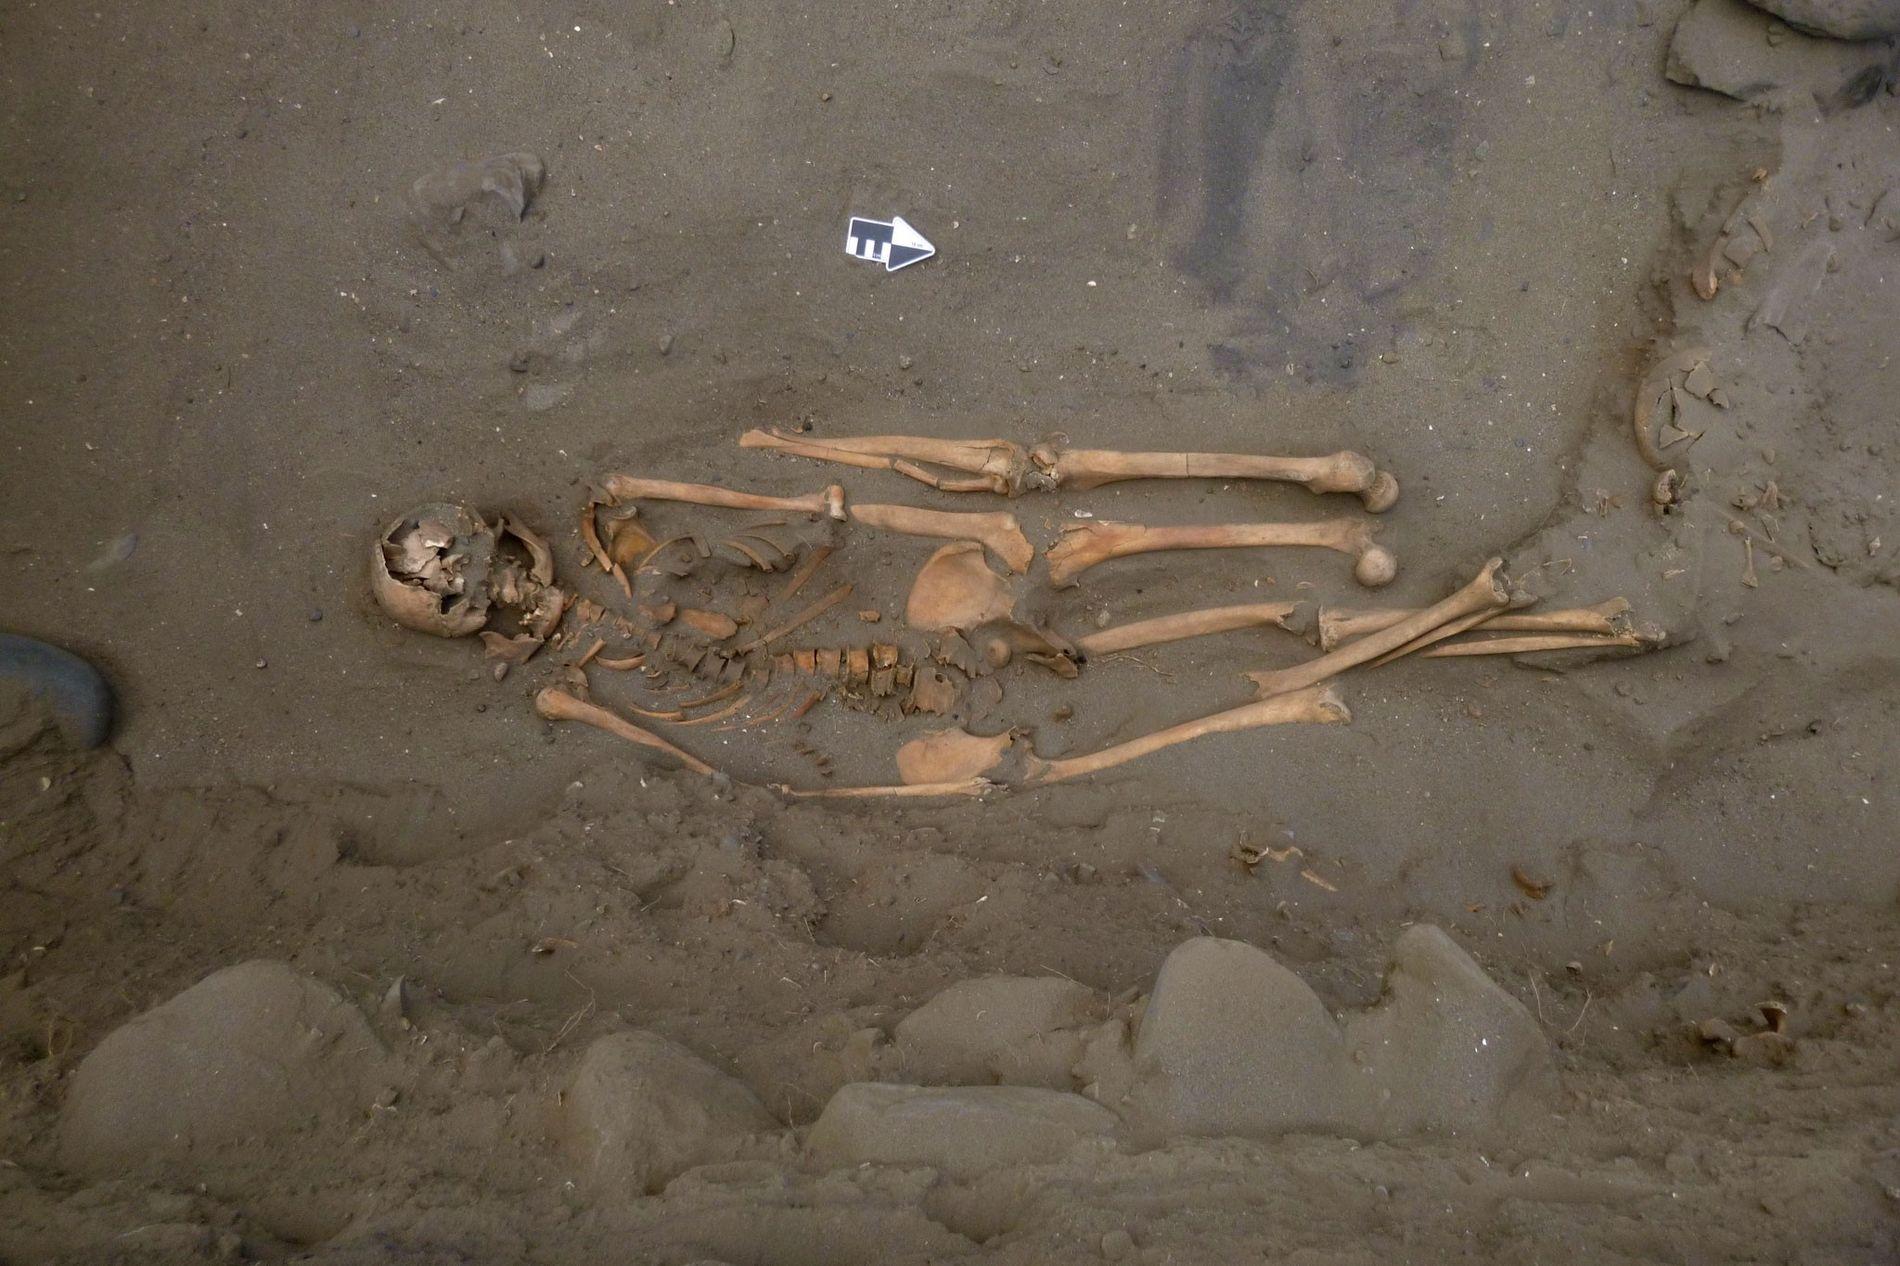 cemiterio-cultura-viru-peru